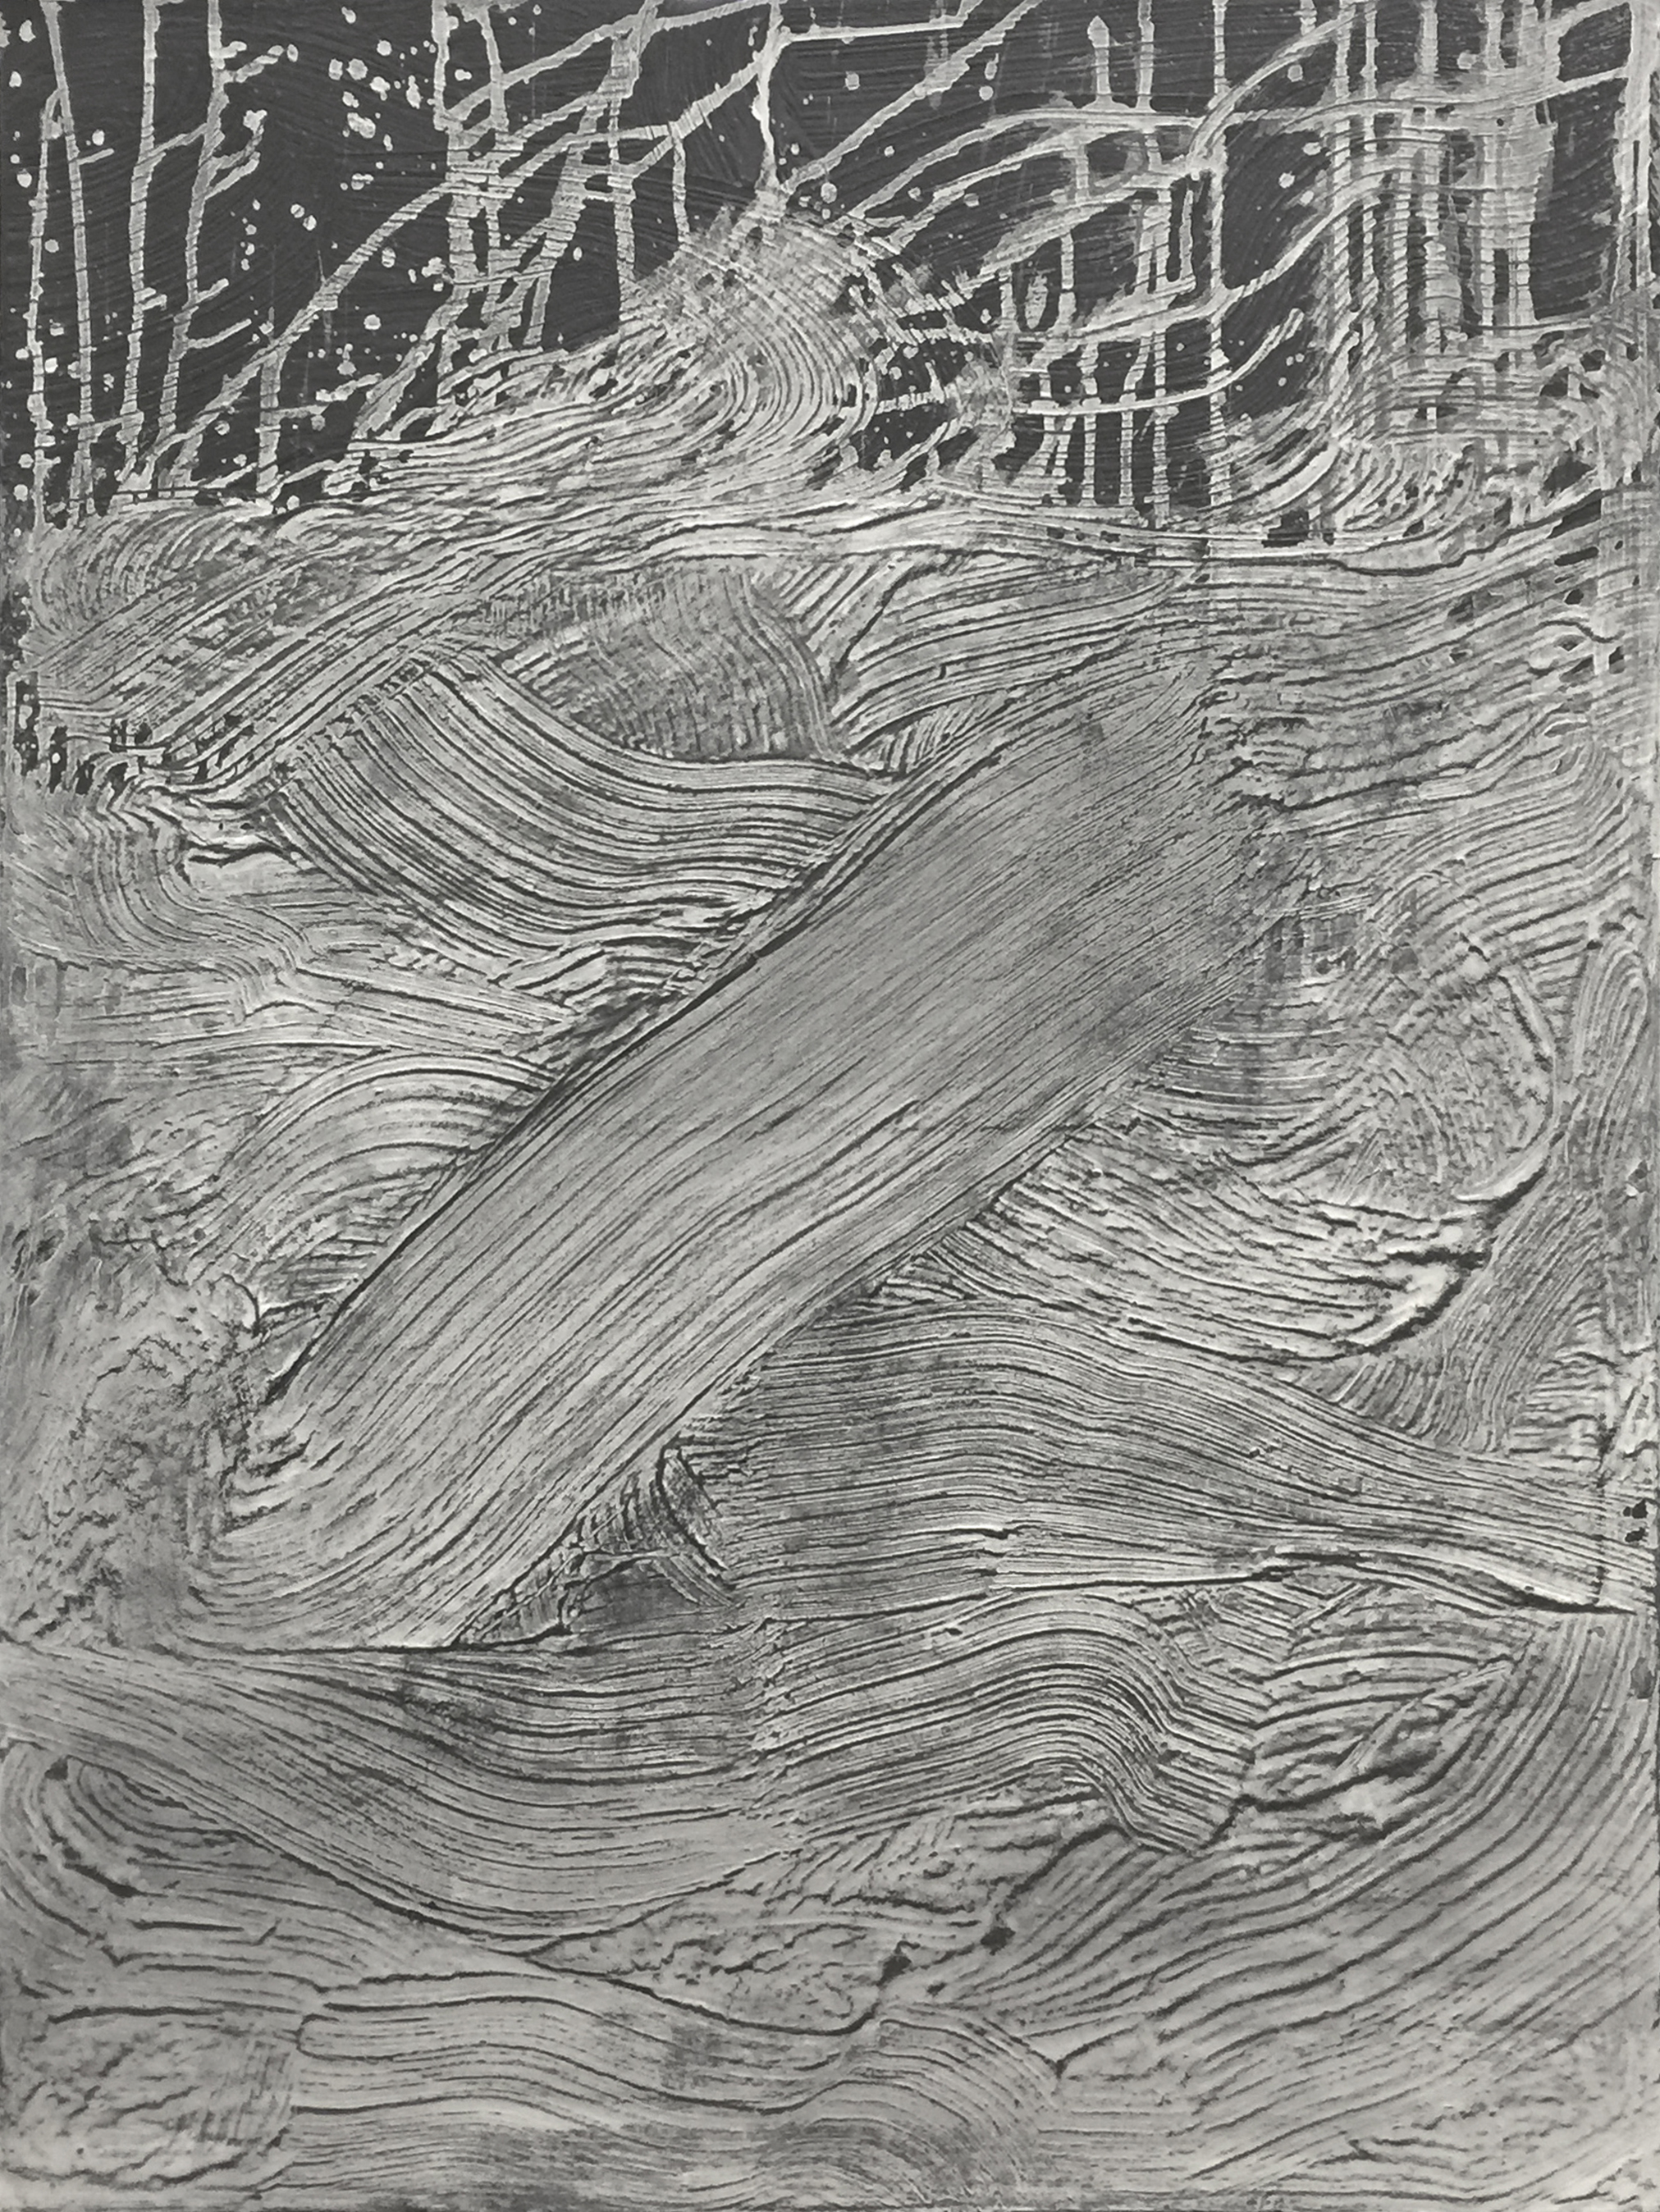 Black & Grey Gesture Painting 1.jpg